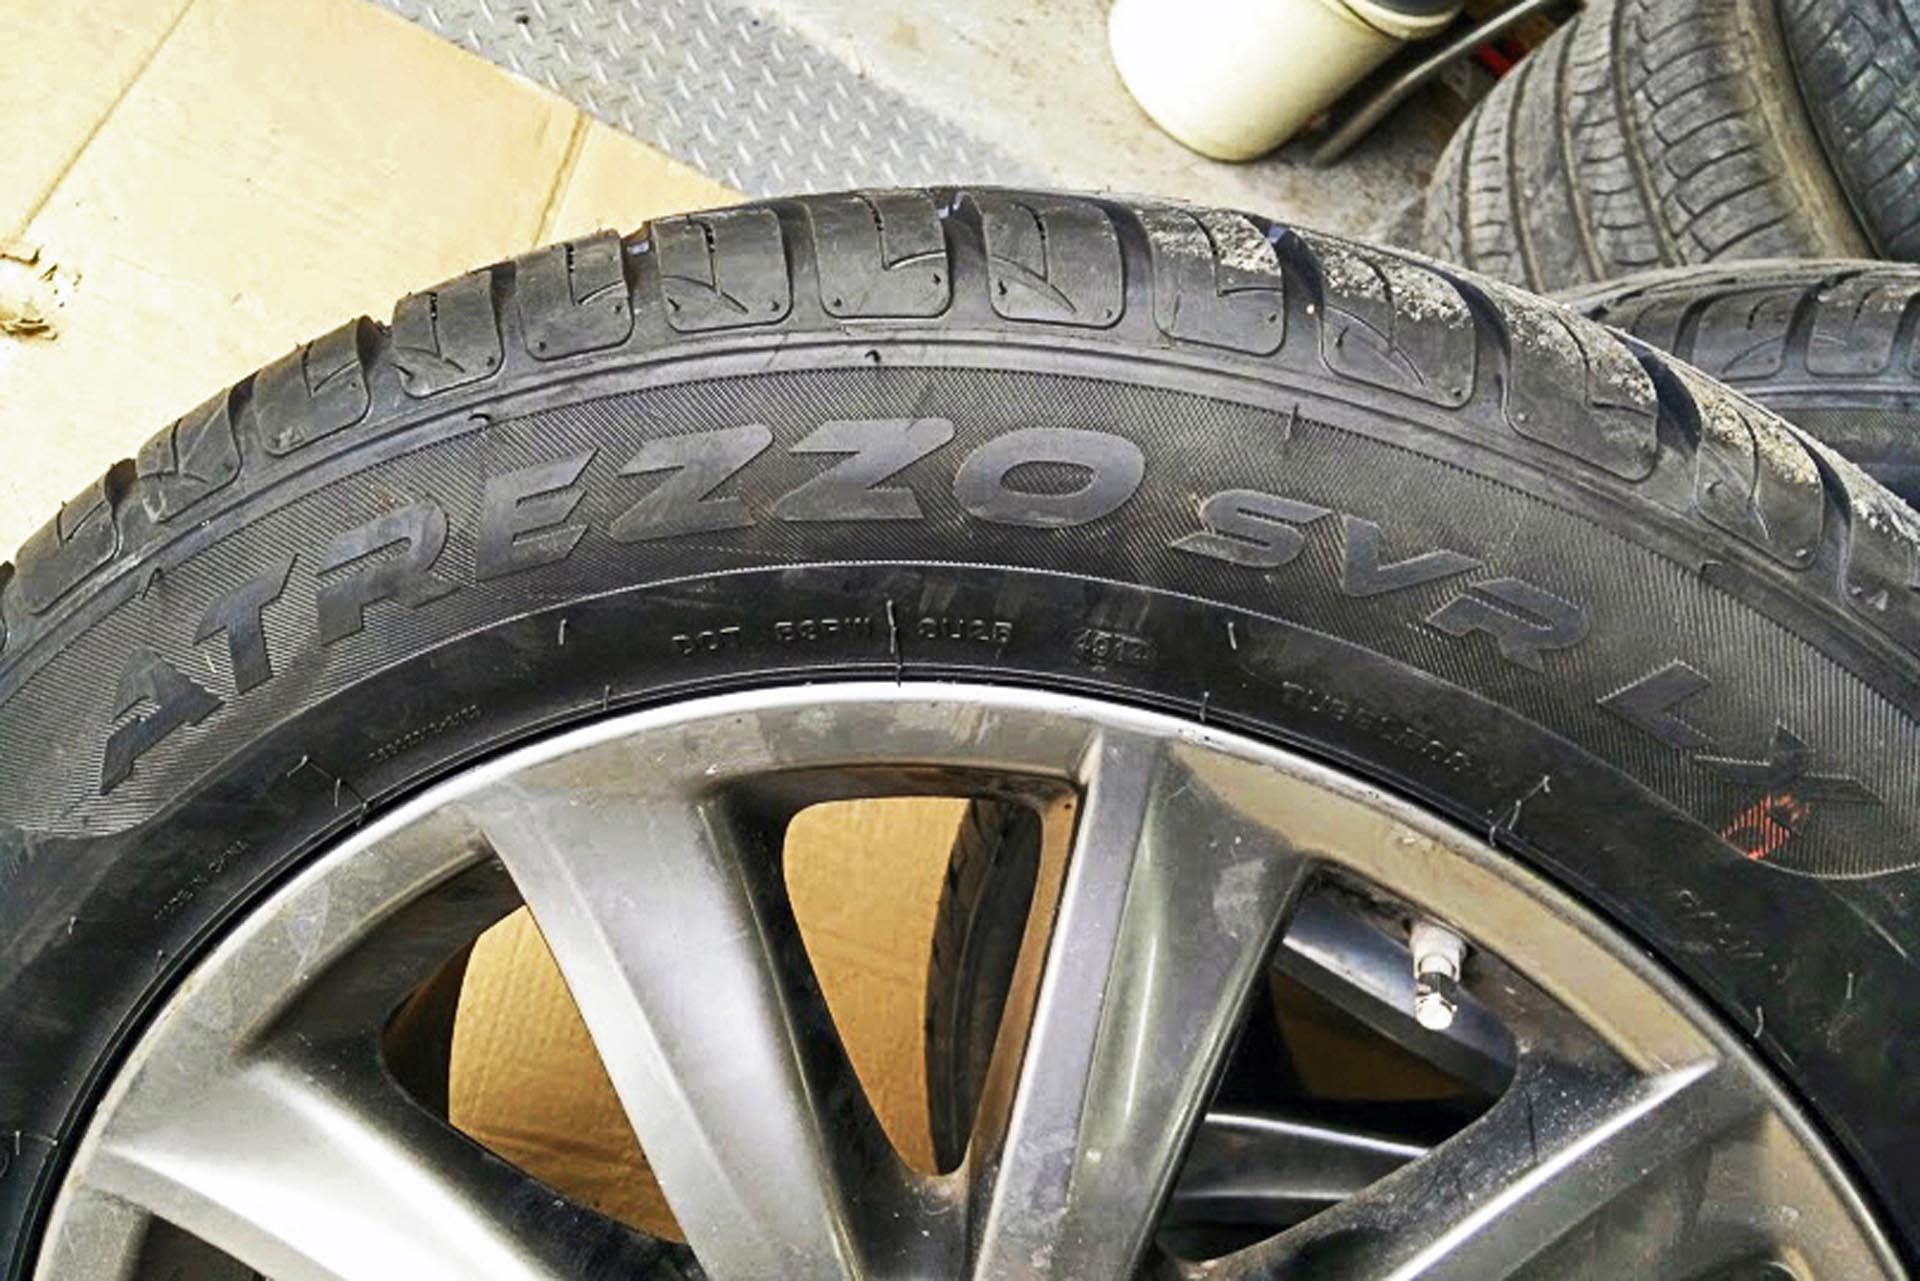 tire review sailun atrezzo svr lx all season suv tire. Black Bedroom Furniture Sets. Home Design Ideas